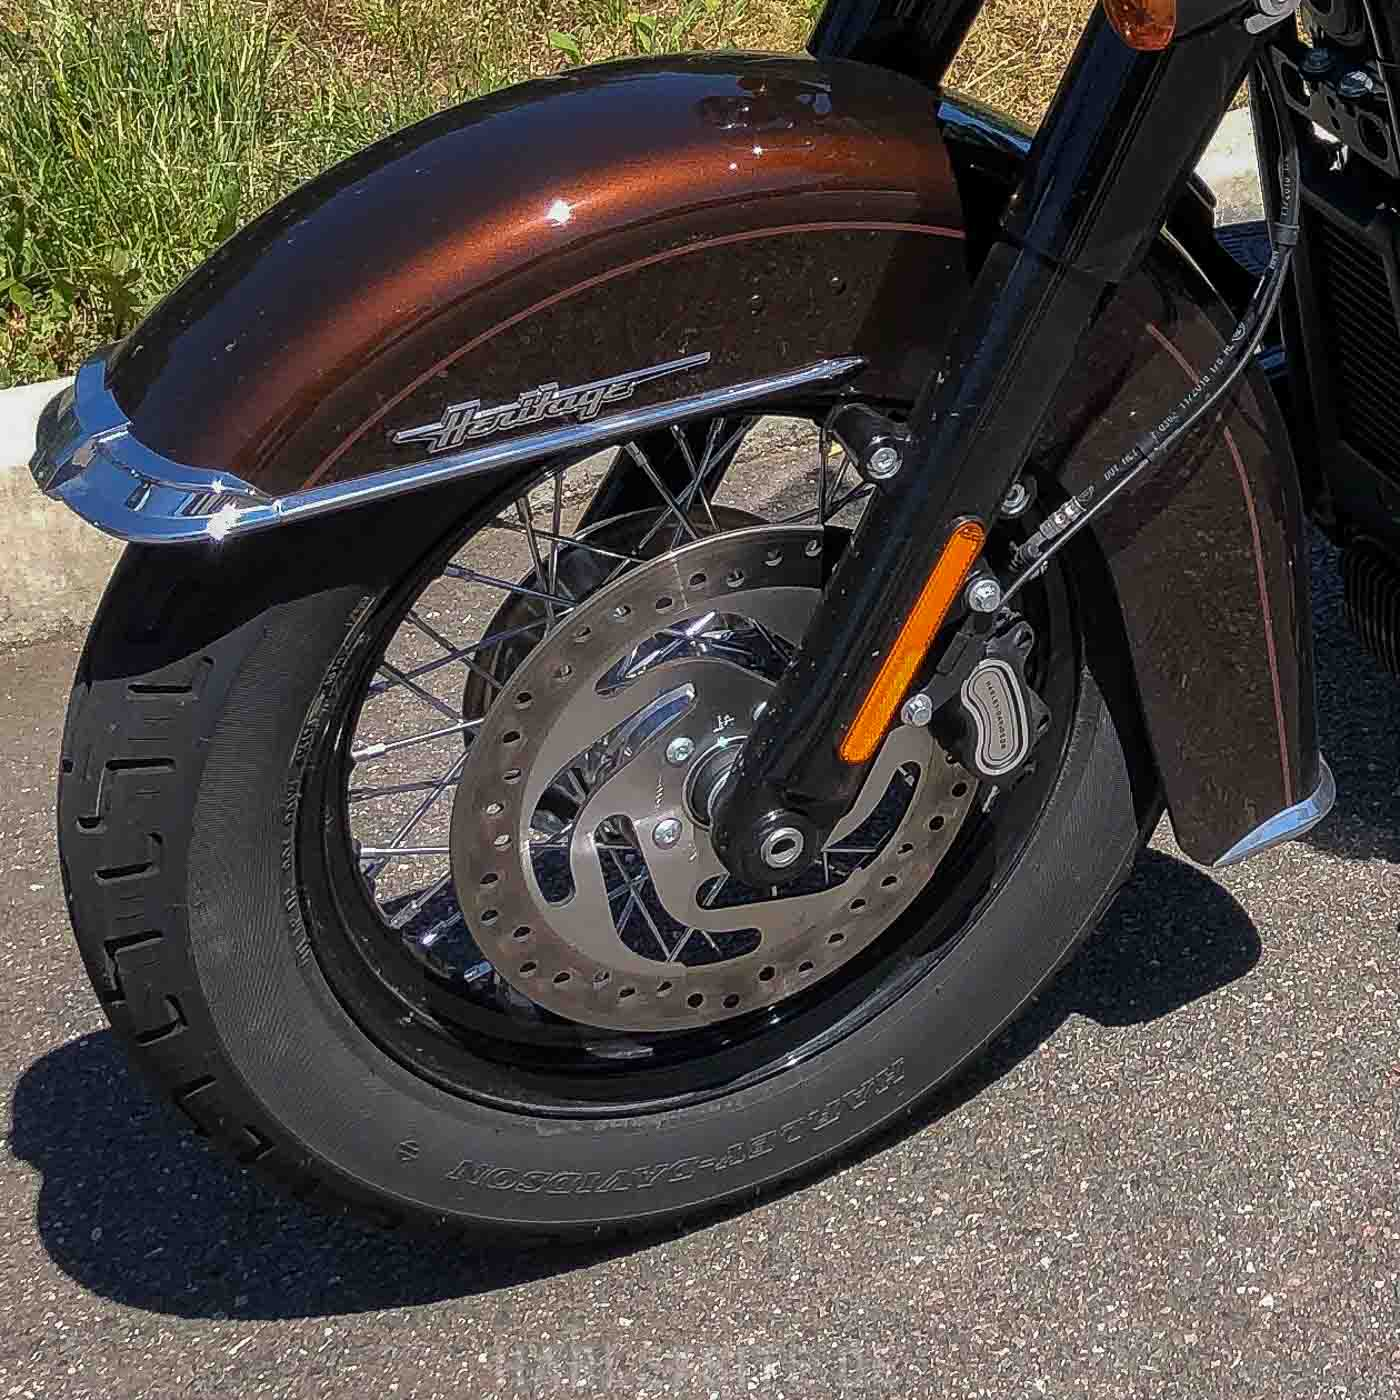 Scheibenbremse Der Harley-Davidson Heritage Classic 114 2019